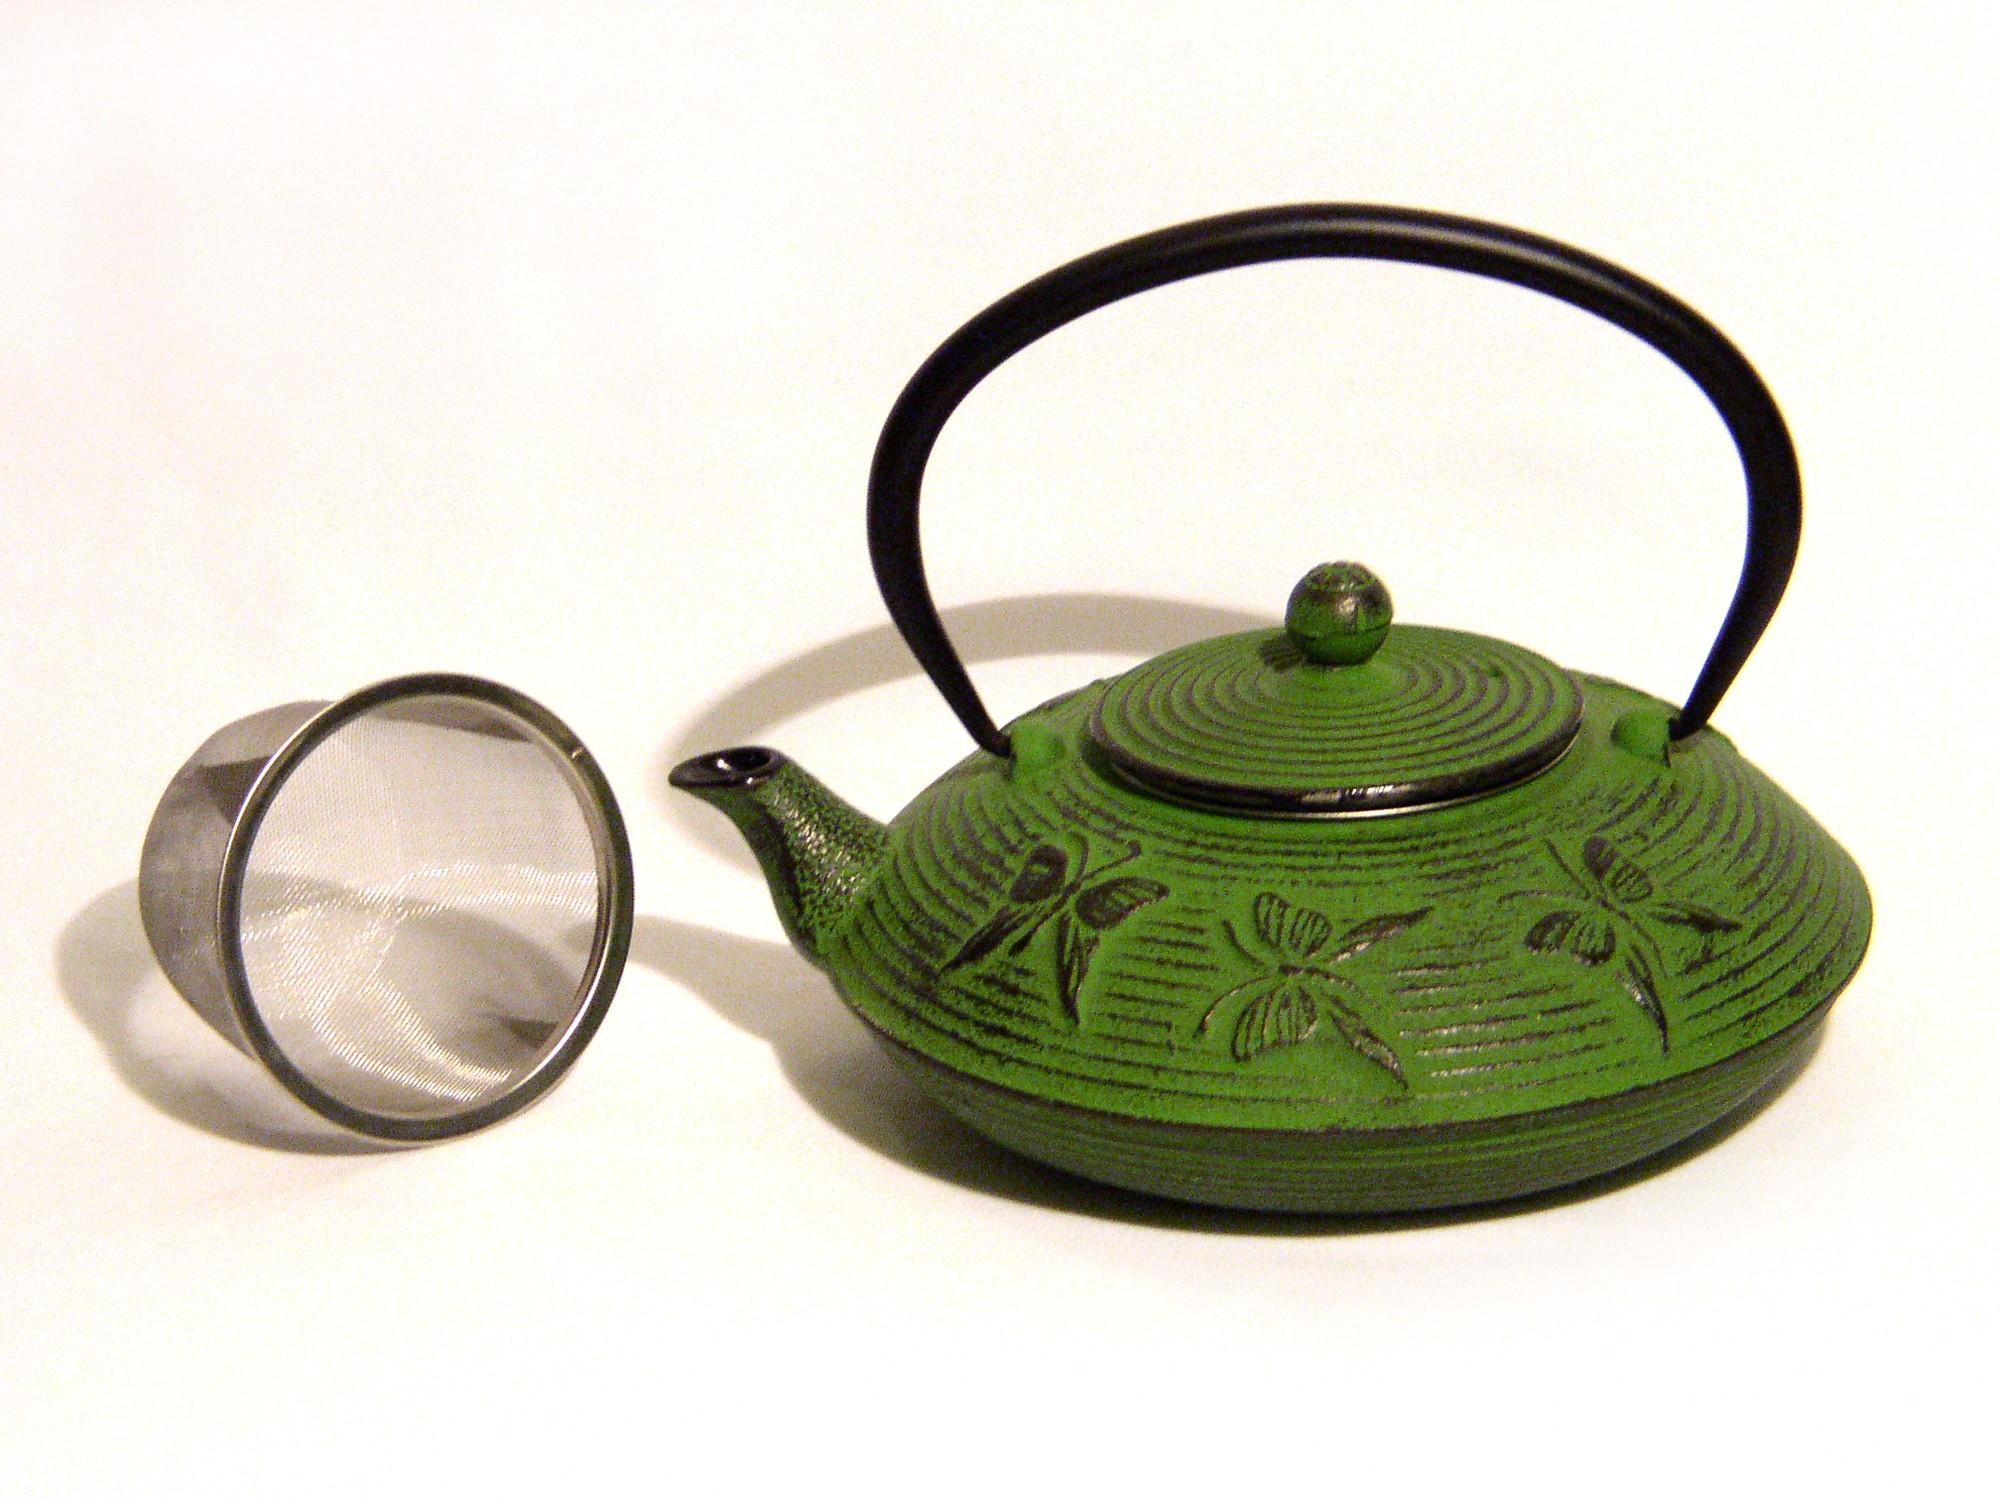 Cast Iron Teapot - Green